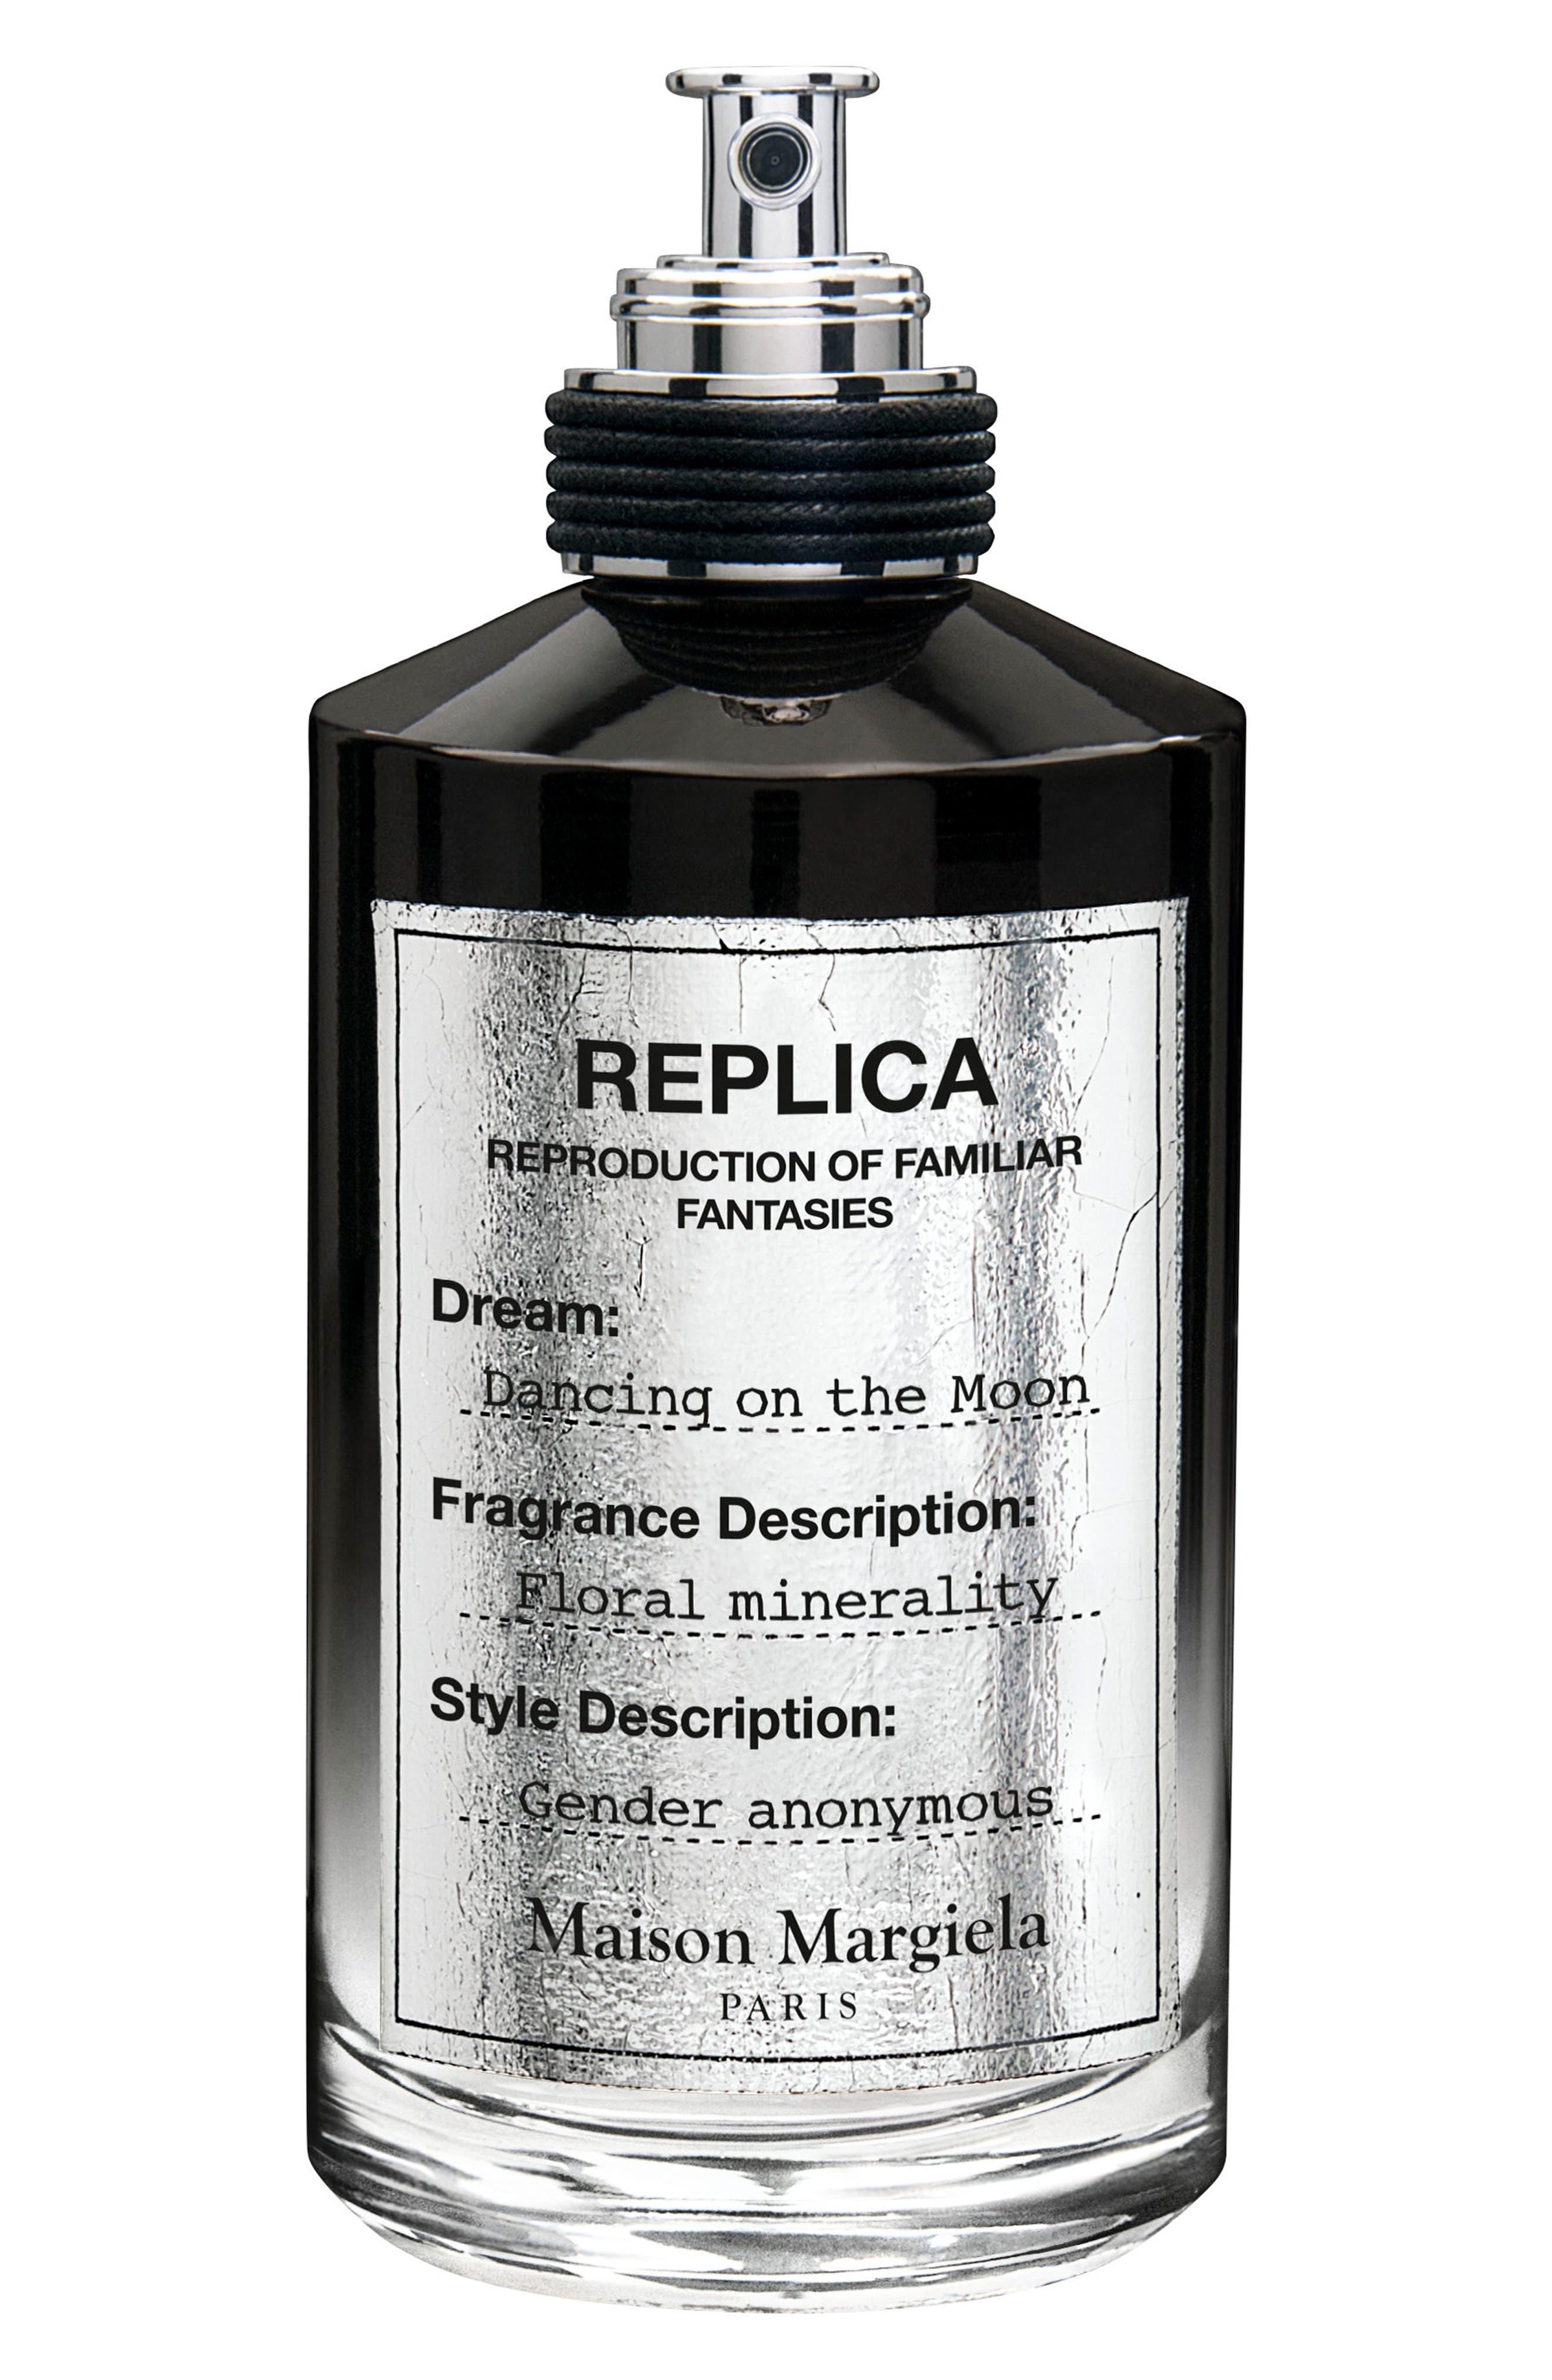 MAISON MARGIELA Replica Dancing on the Moon Eau de Parfum, Main, color, NO COLOR